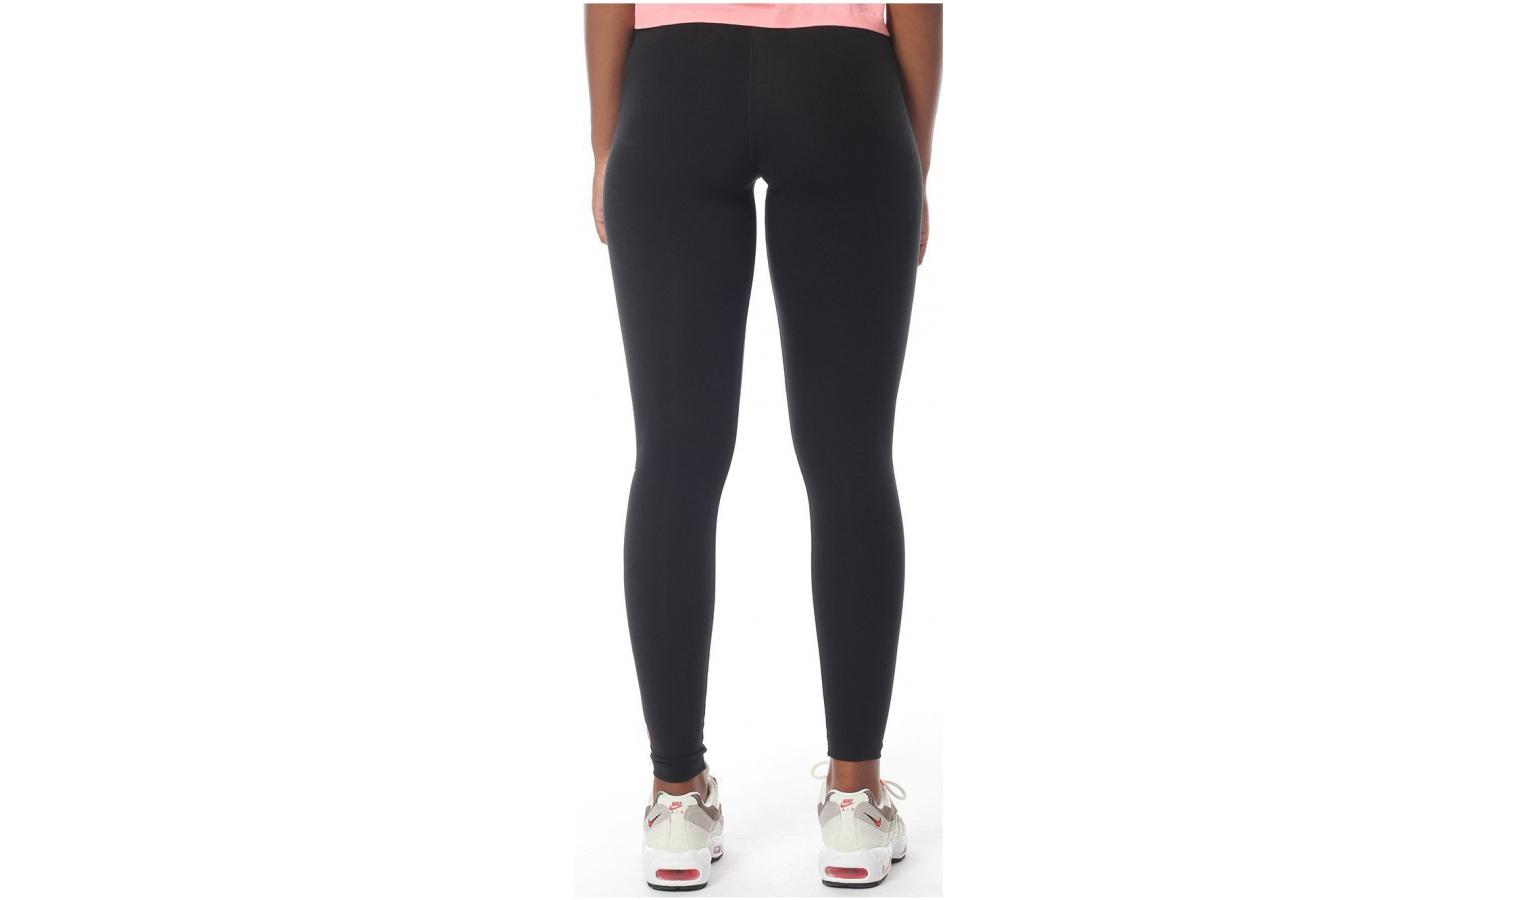 d1827aba7110 Dámské legíny Nike NSW LEGGING AIR W černé